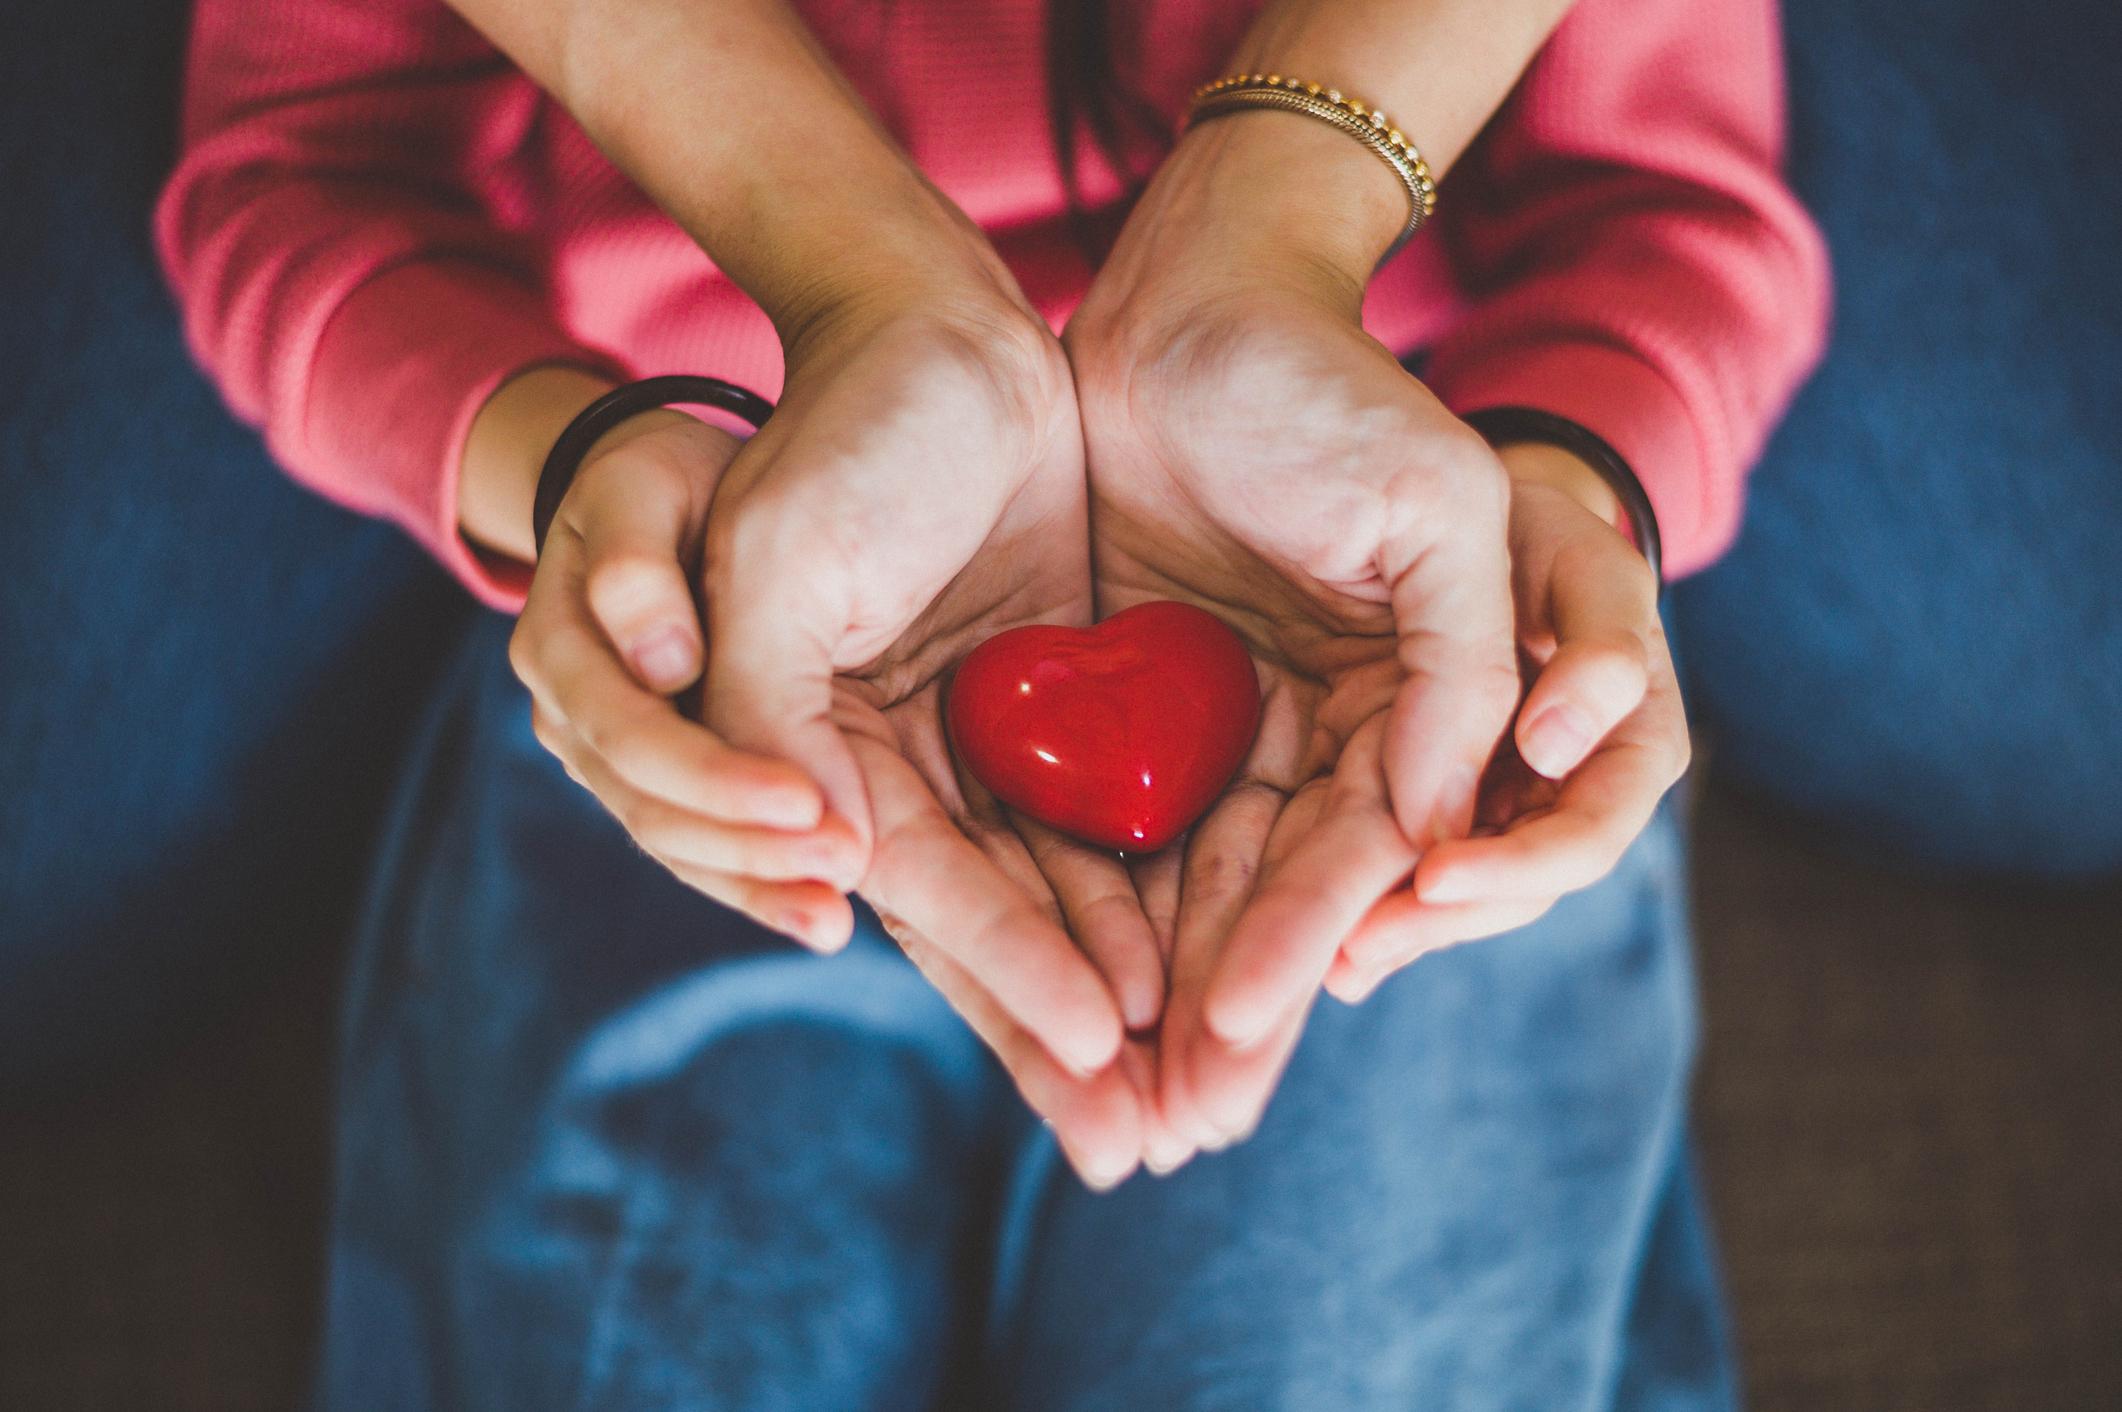 como-doar-sangue-2 Dia do Doador de Sangue: confira um guia sobre como fazer a boa ação